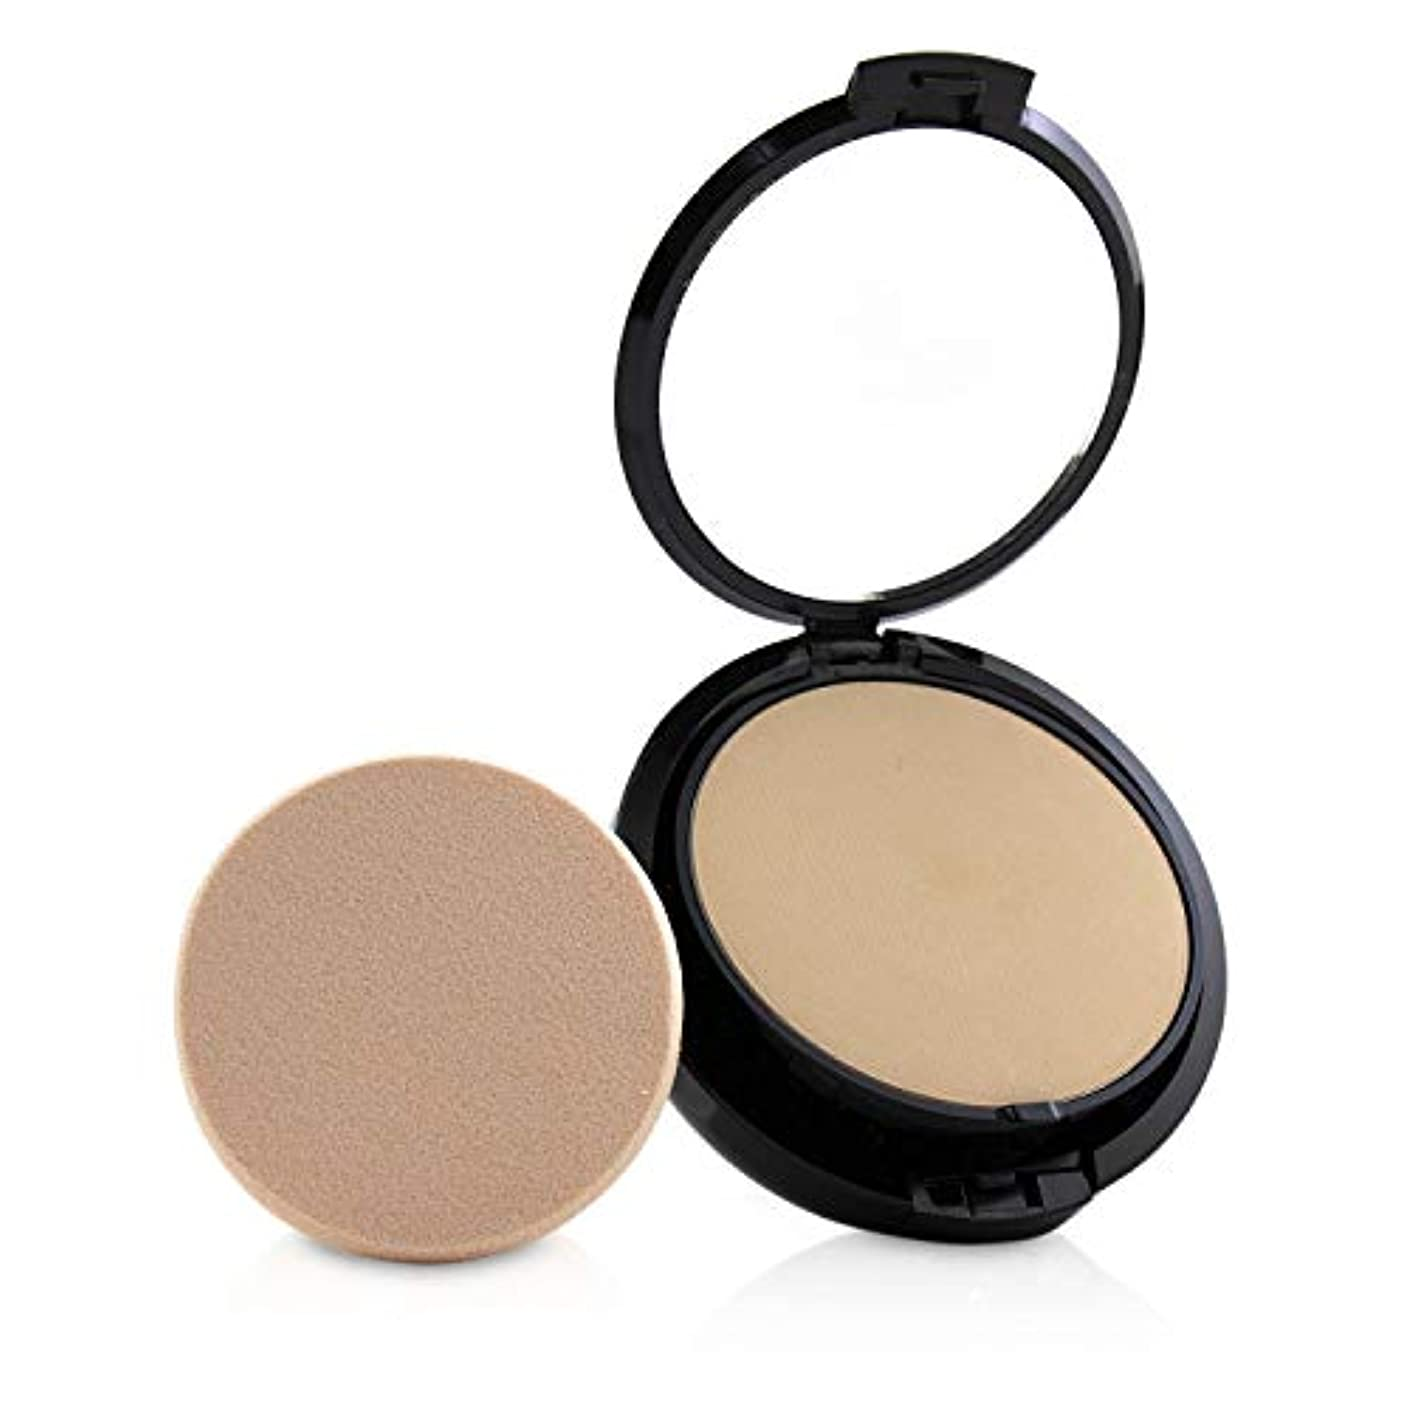 放置平らなフレッシュSCOUT Cosmetics Pressed Mineral Powder Foundation SPF 15 - # Shell 15g/0.53oz並行輸入品